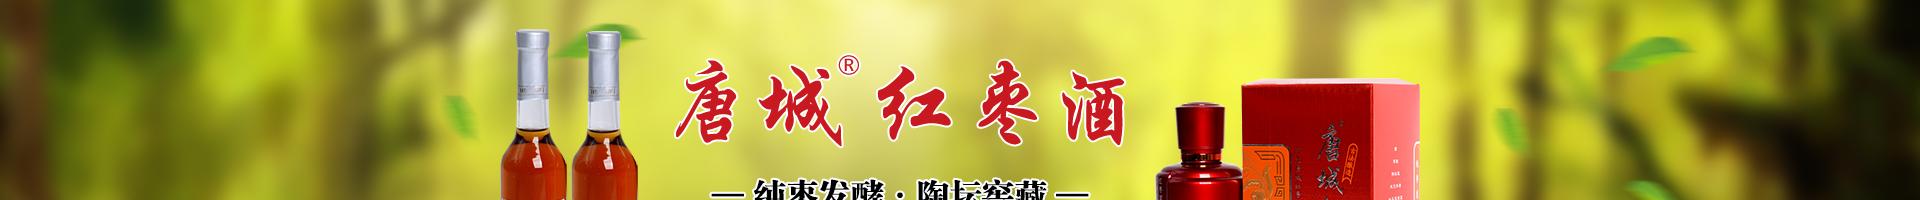 河北唐城红枣酒业有限公司